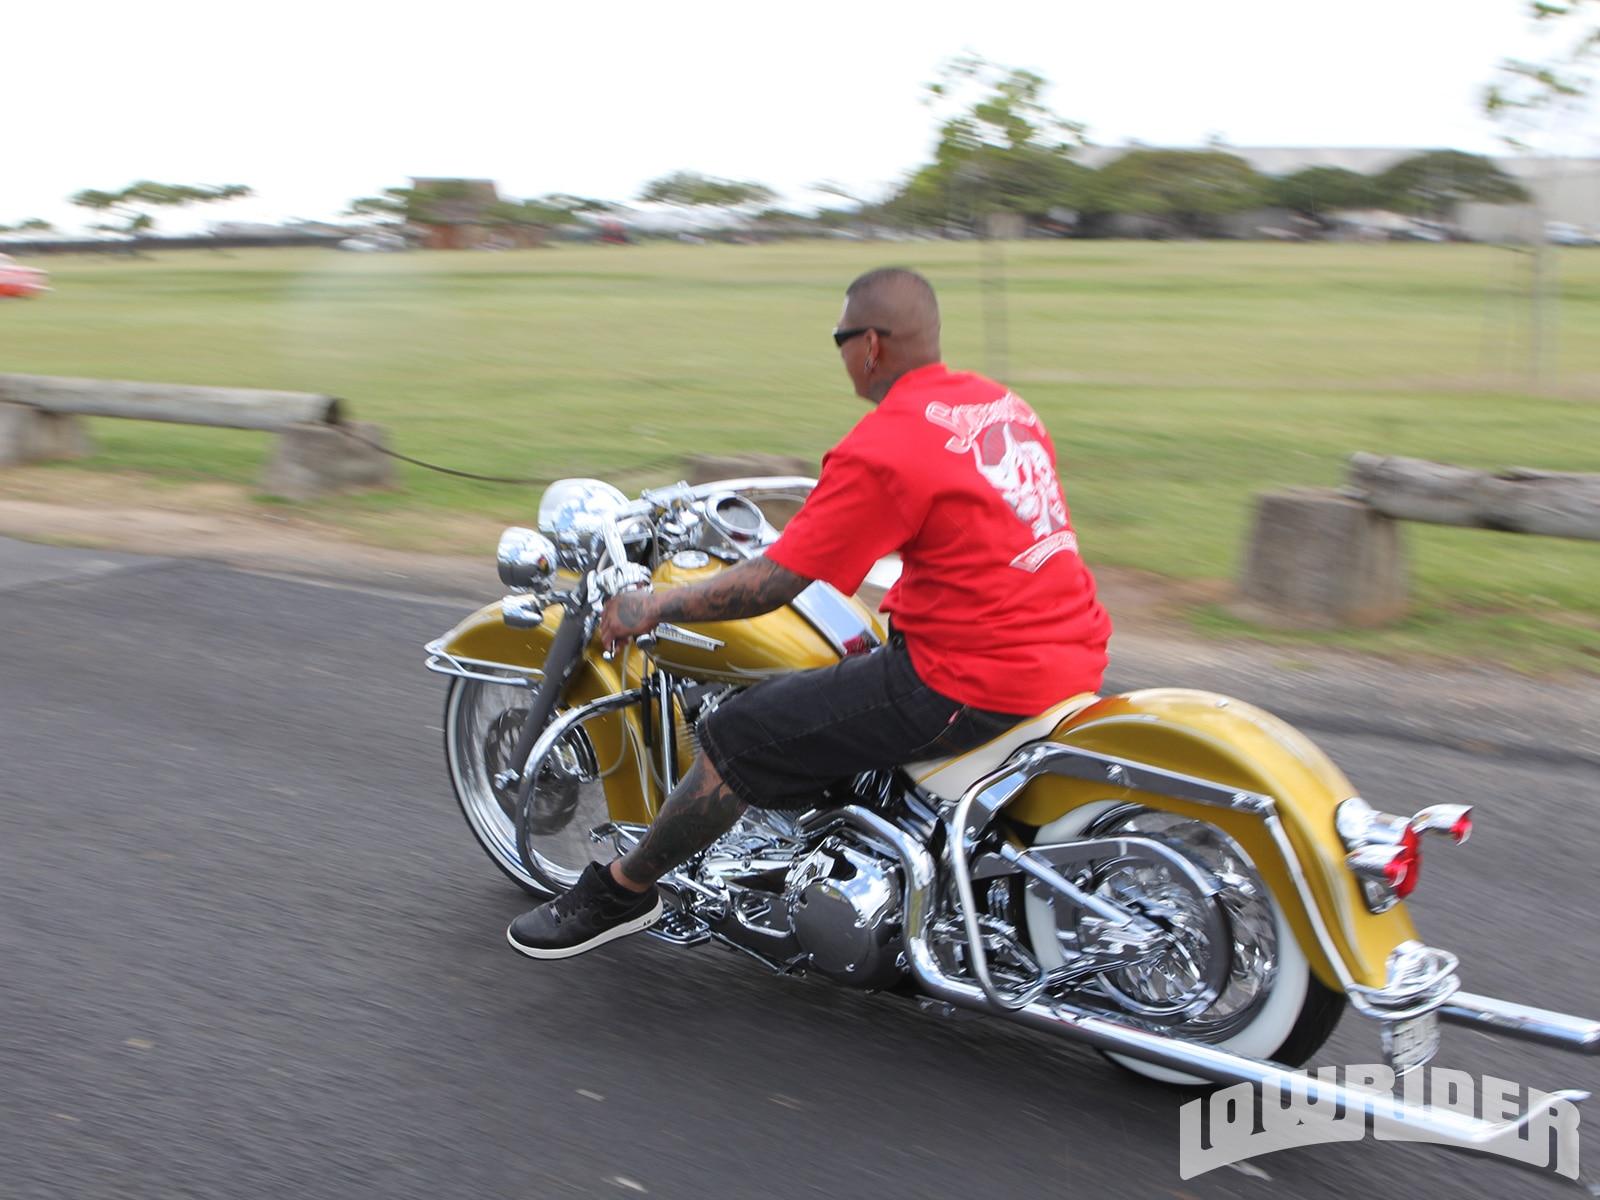 Harley Davidson Deluxe Specs